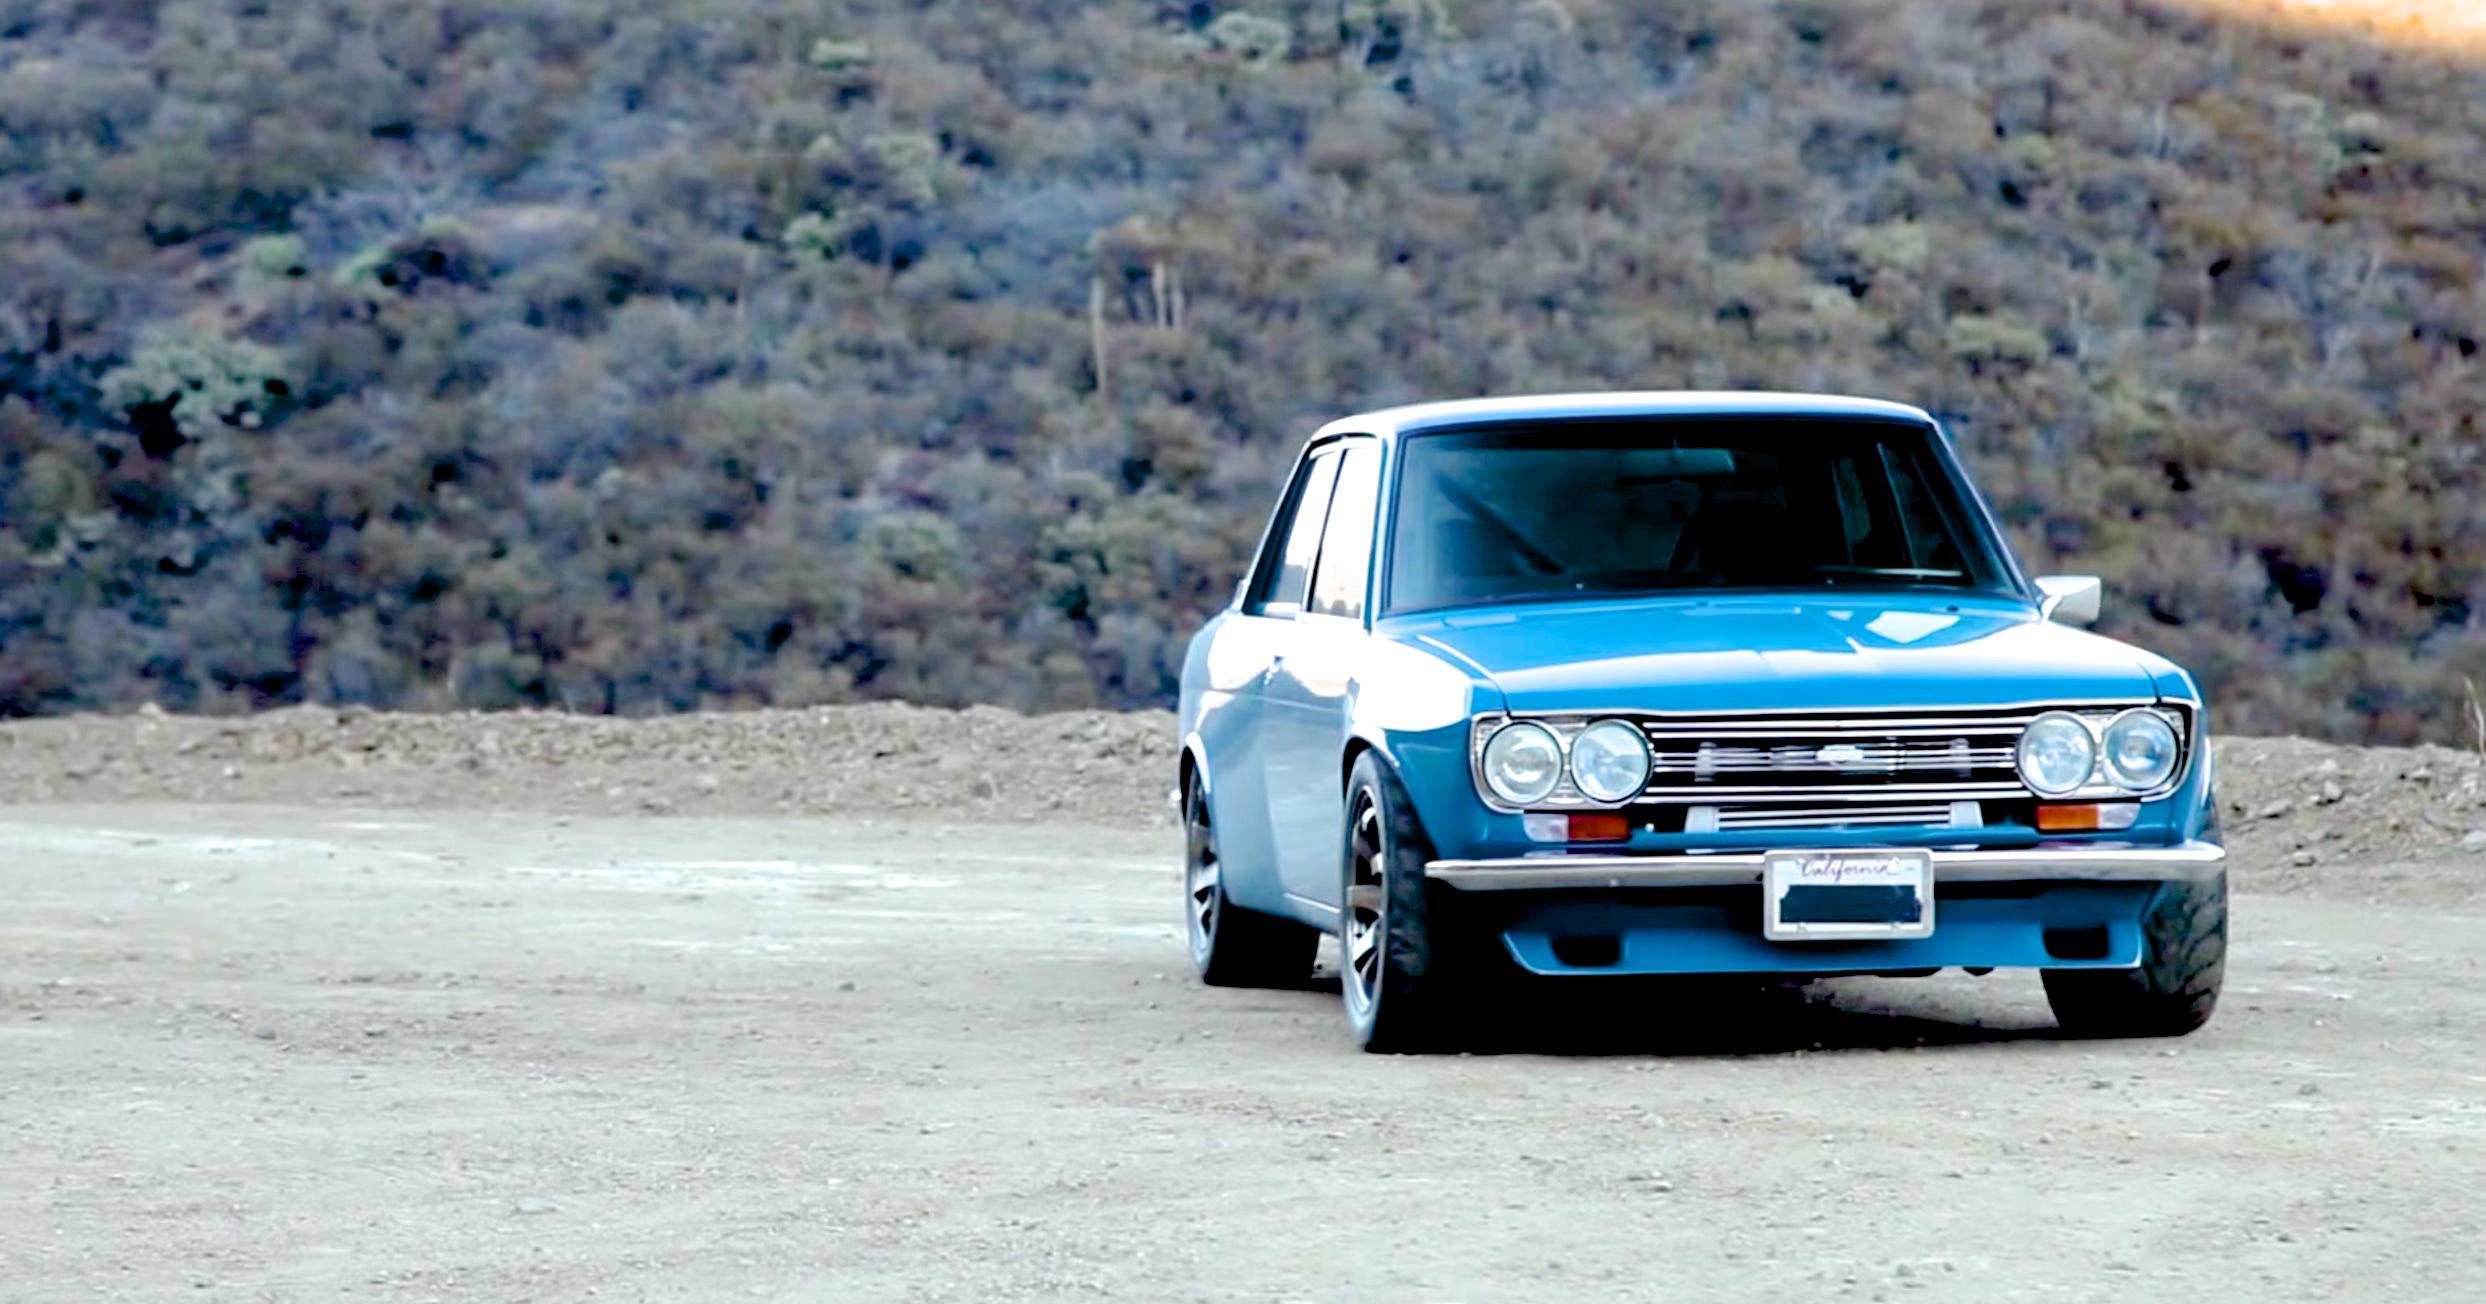 Datsun 510 Tripple S SR20 DET Turbocharged | DamnedWerk